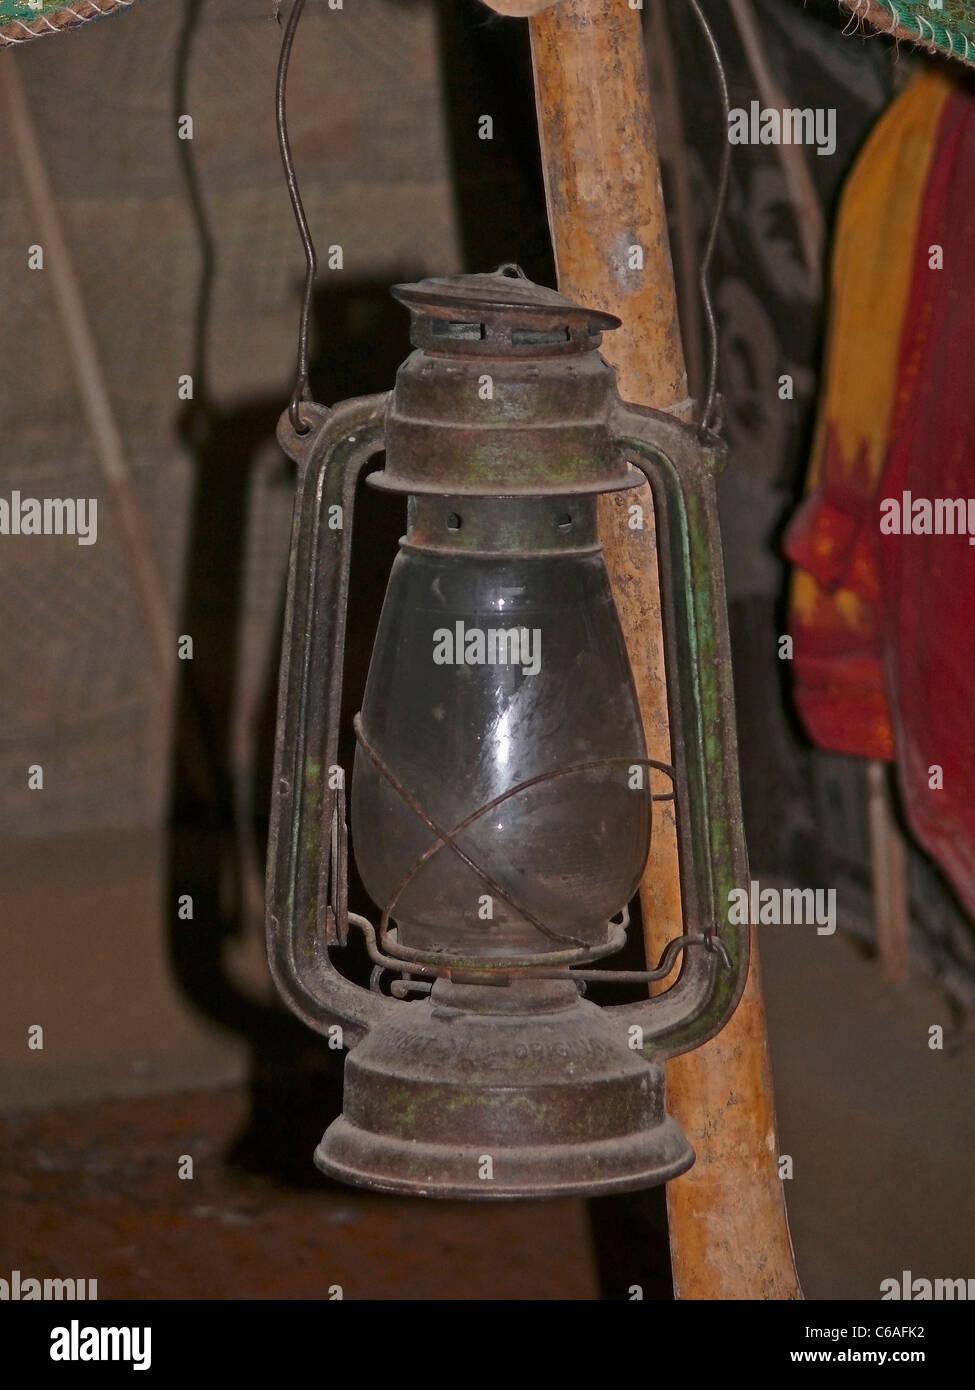 Antique Lantern, Kerosene lamp - Stock Image